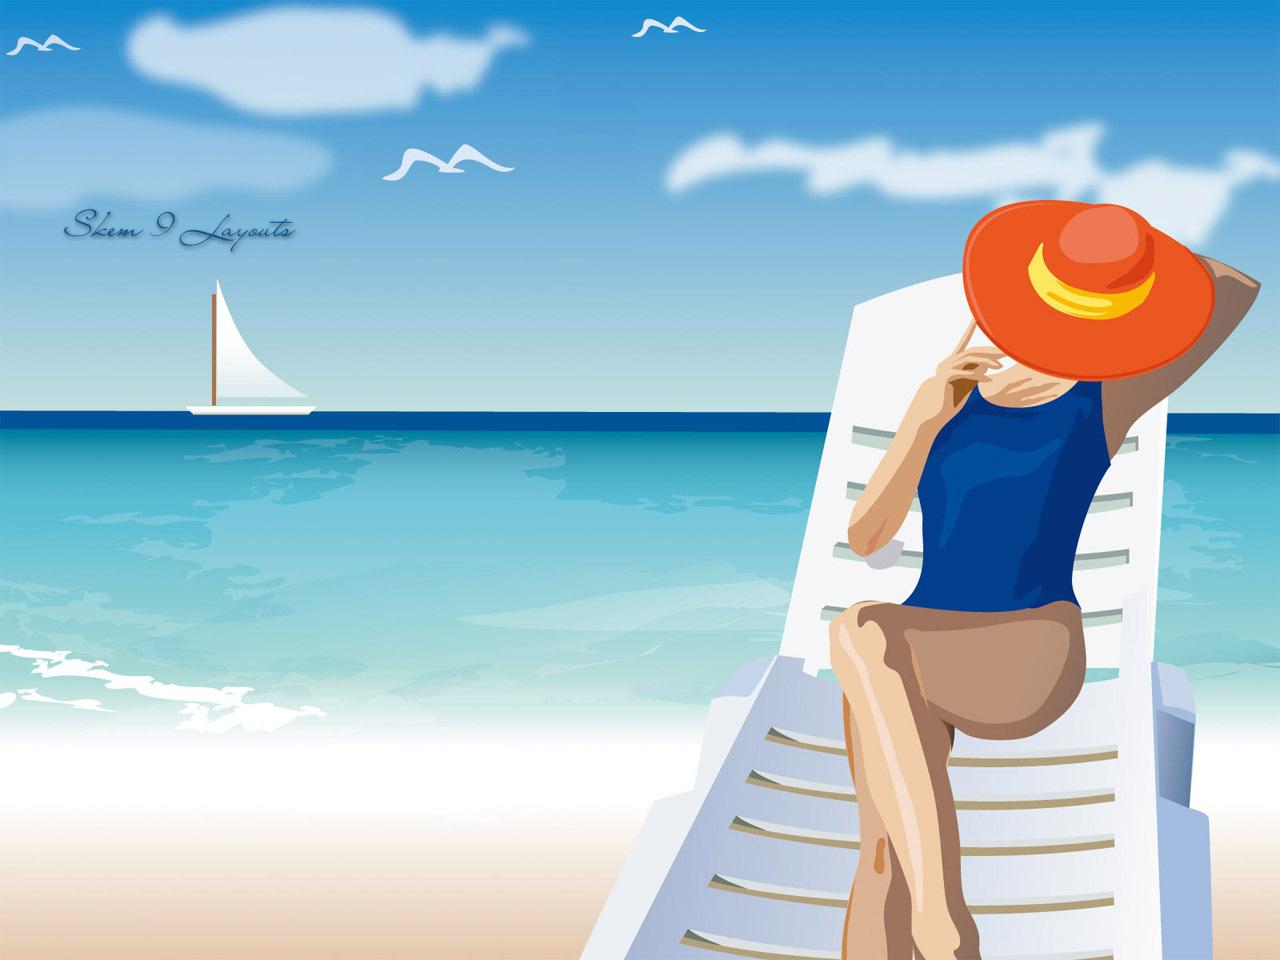 девушка лежит на кресле на пляже и загорает, скачать фото, загар